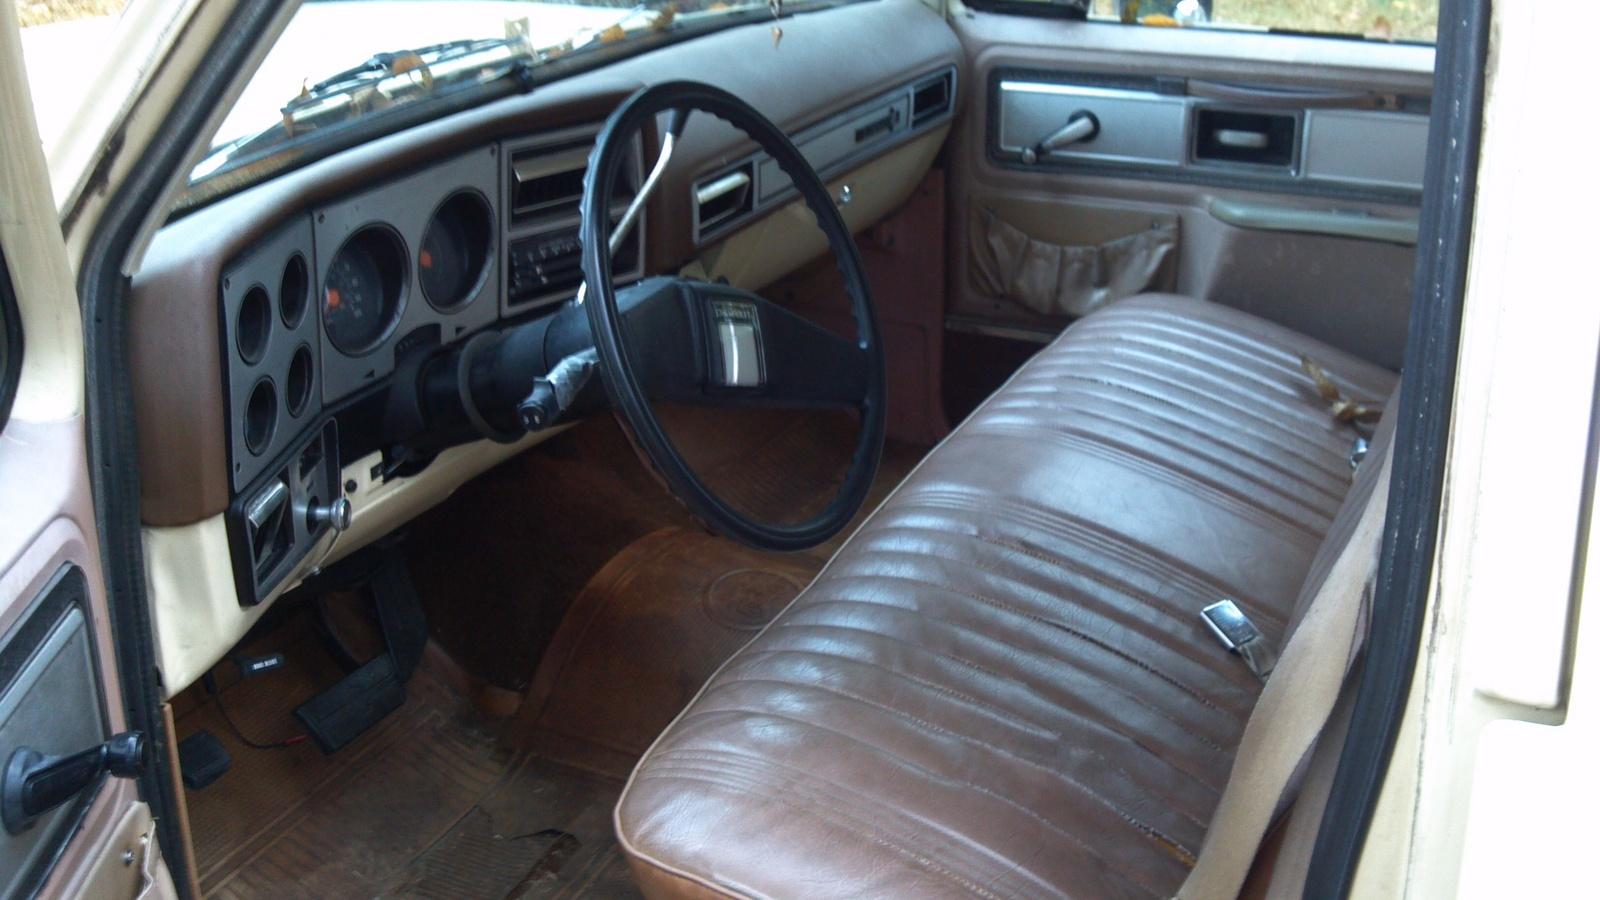 1978 chevrolet suburban interior pictures cargurus